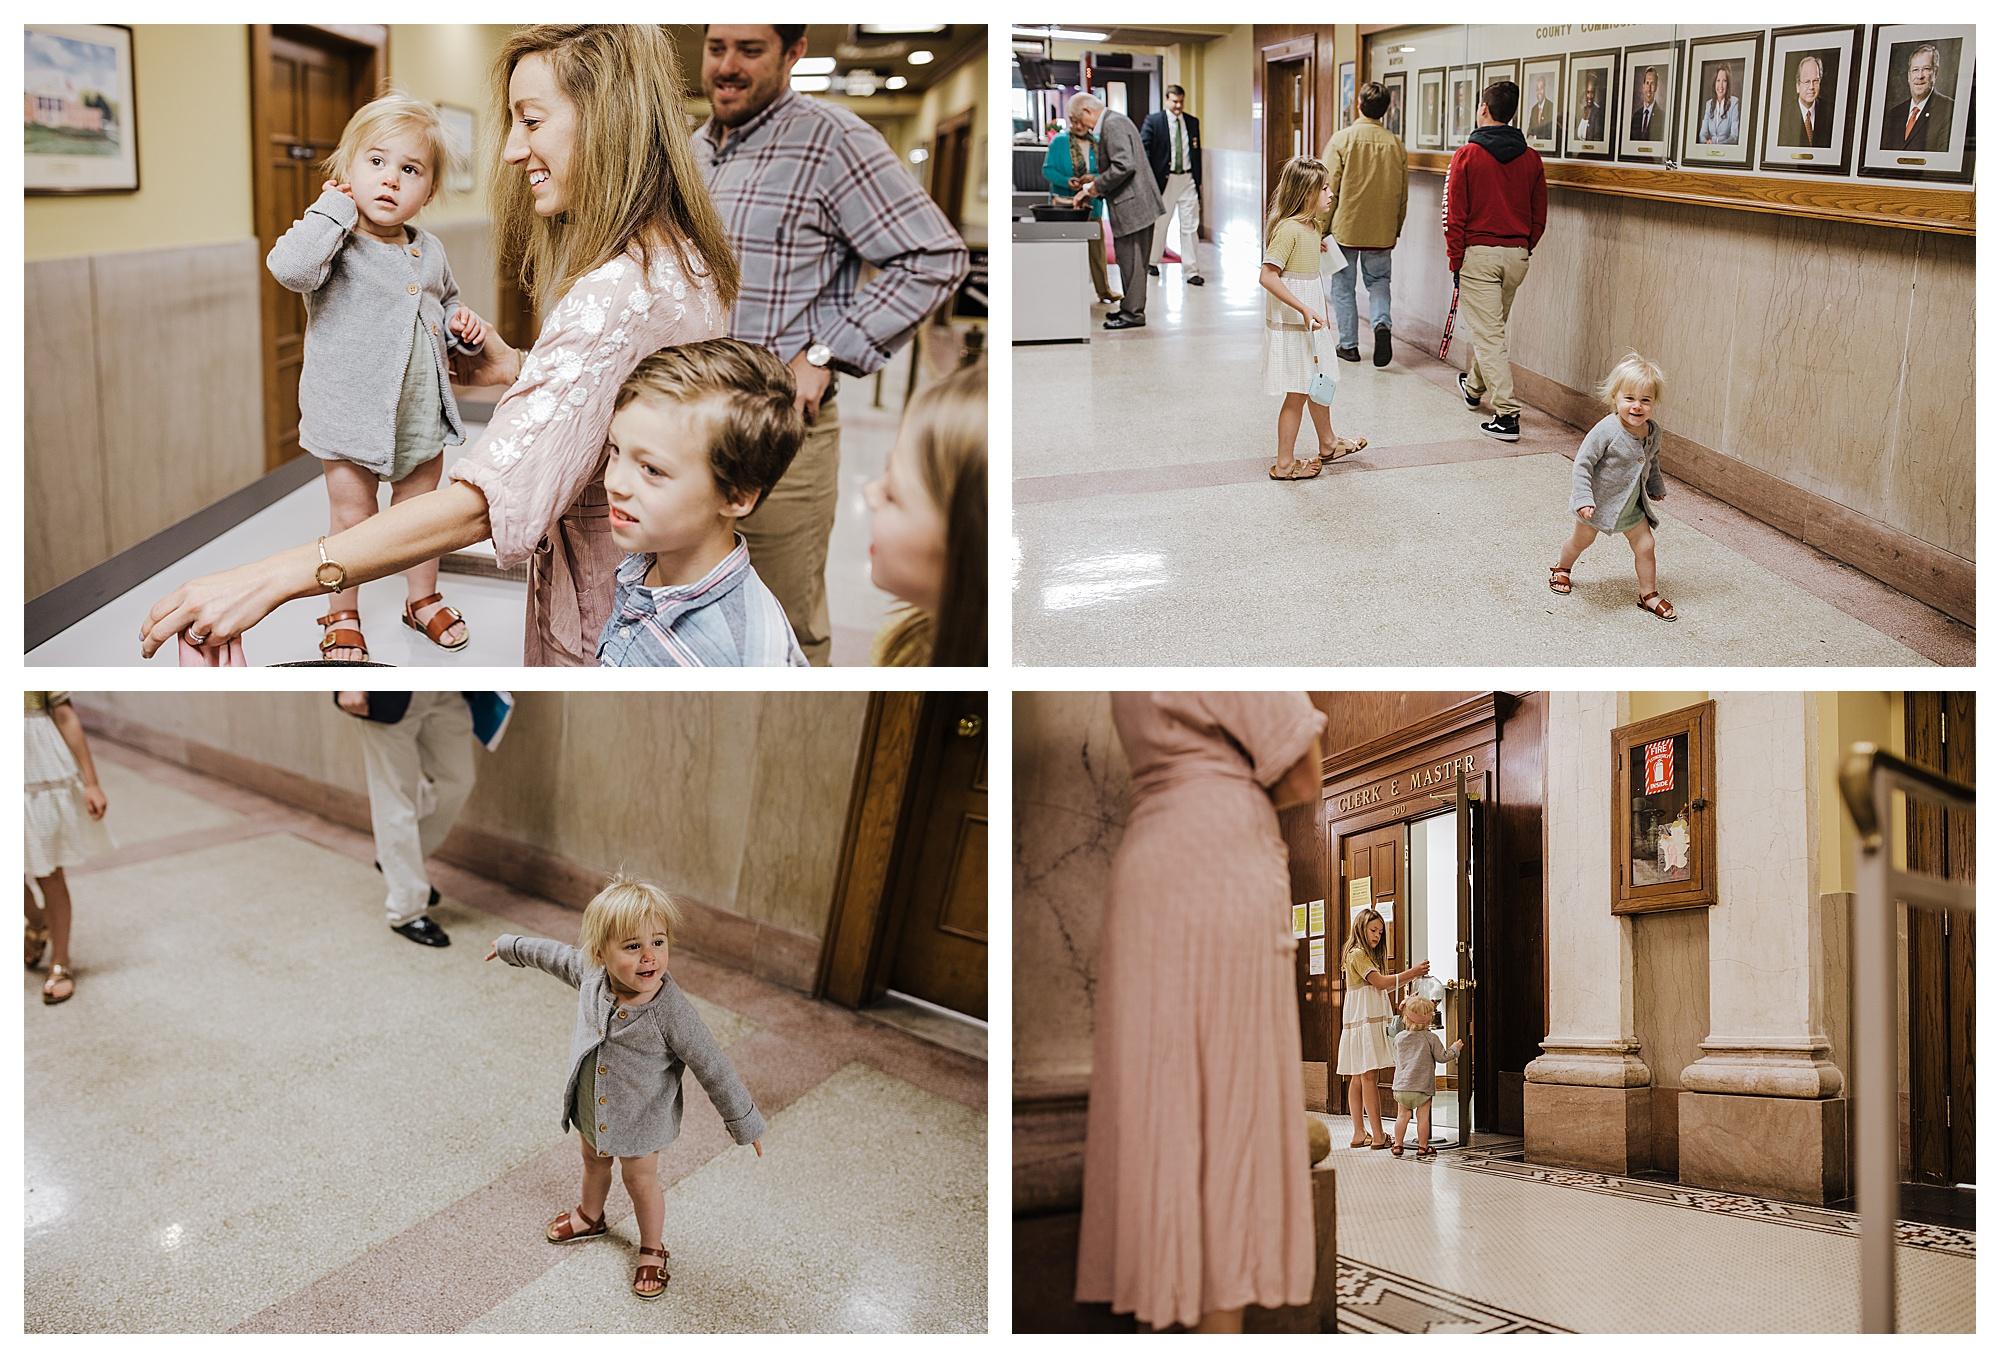 Emily Lapish Photo + Film documentary adoption photography_0006.jpg